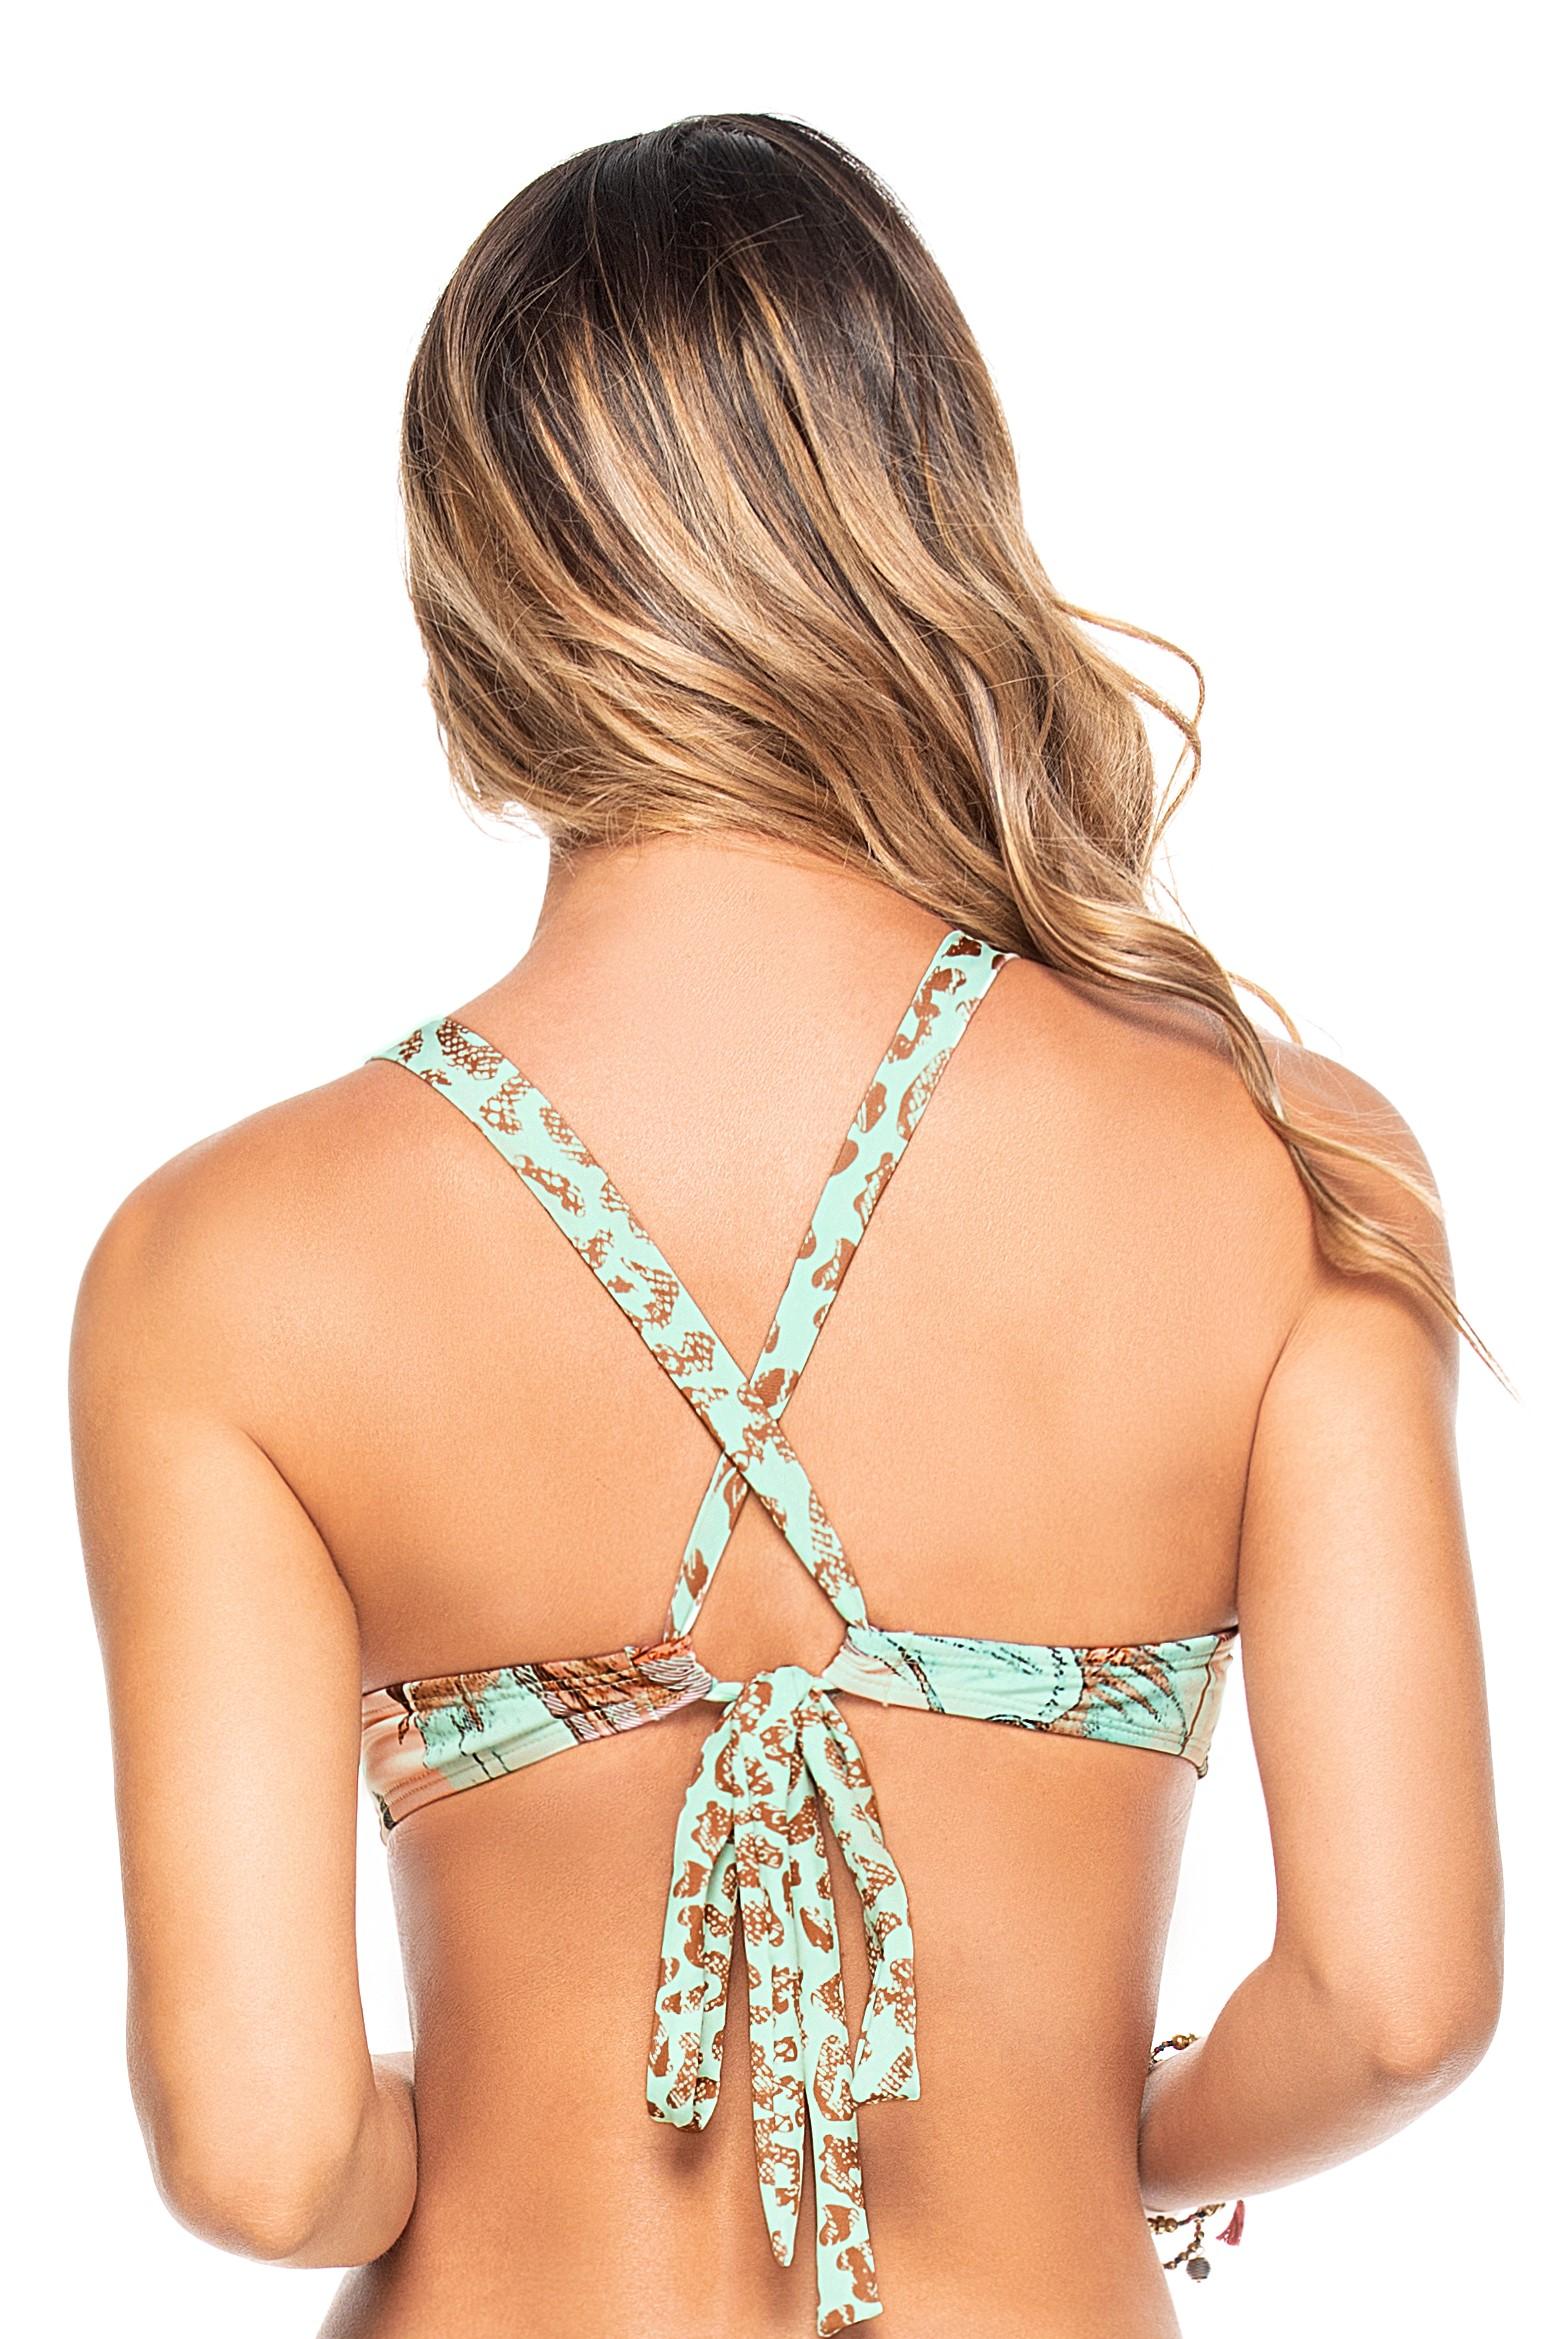 Phax Bella Africa Luxe Sport Bikini Top